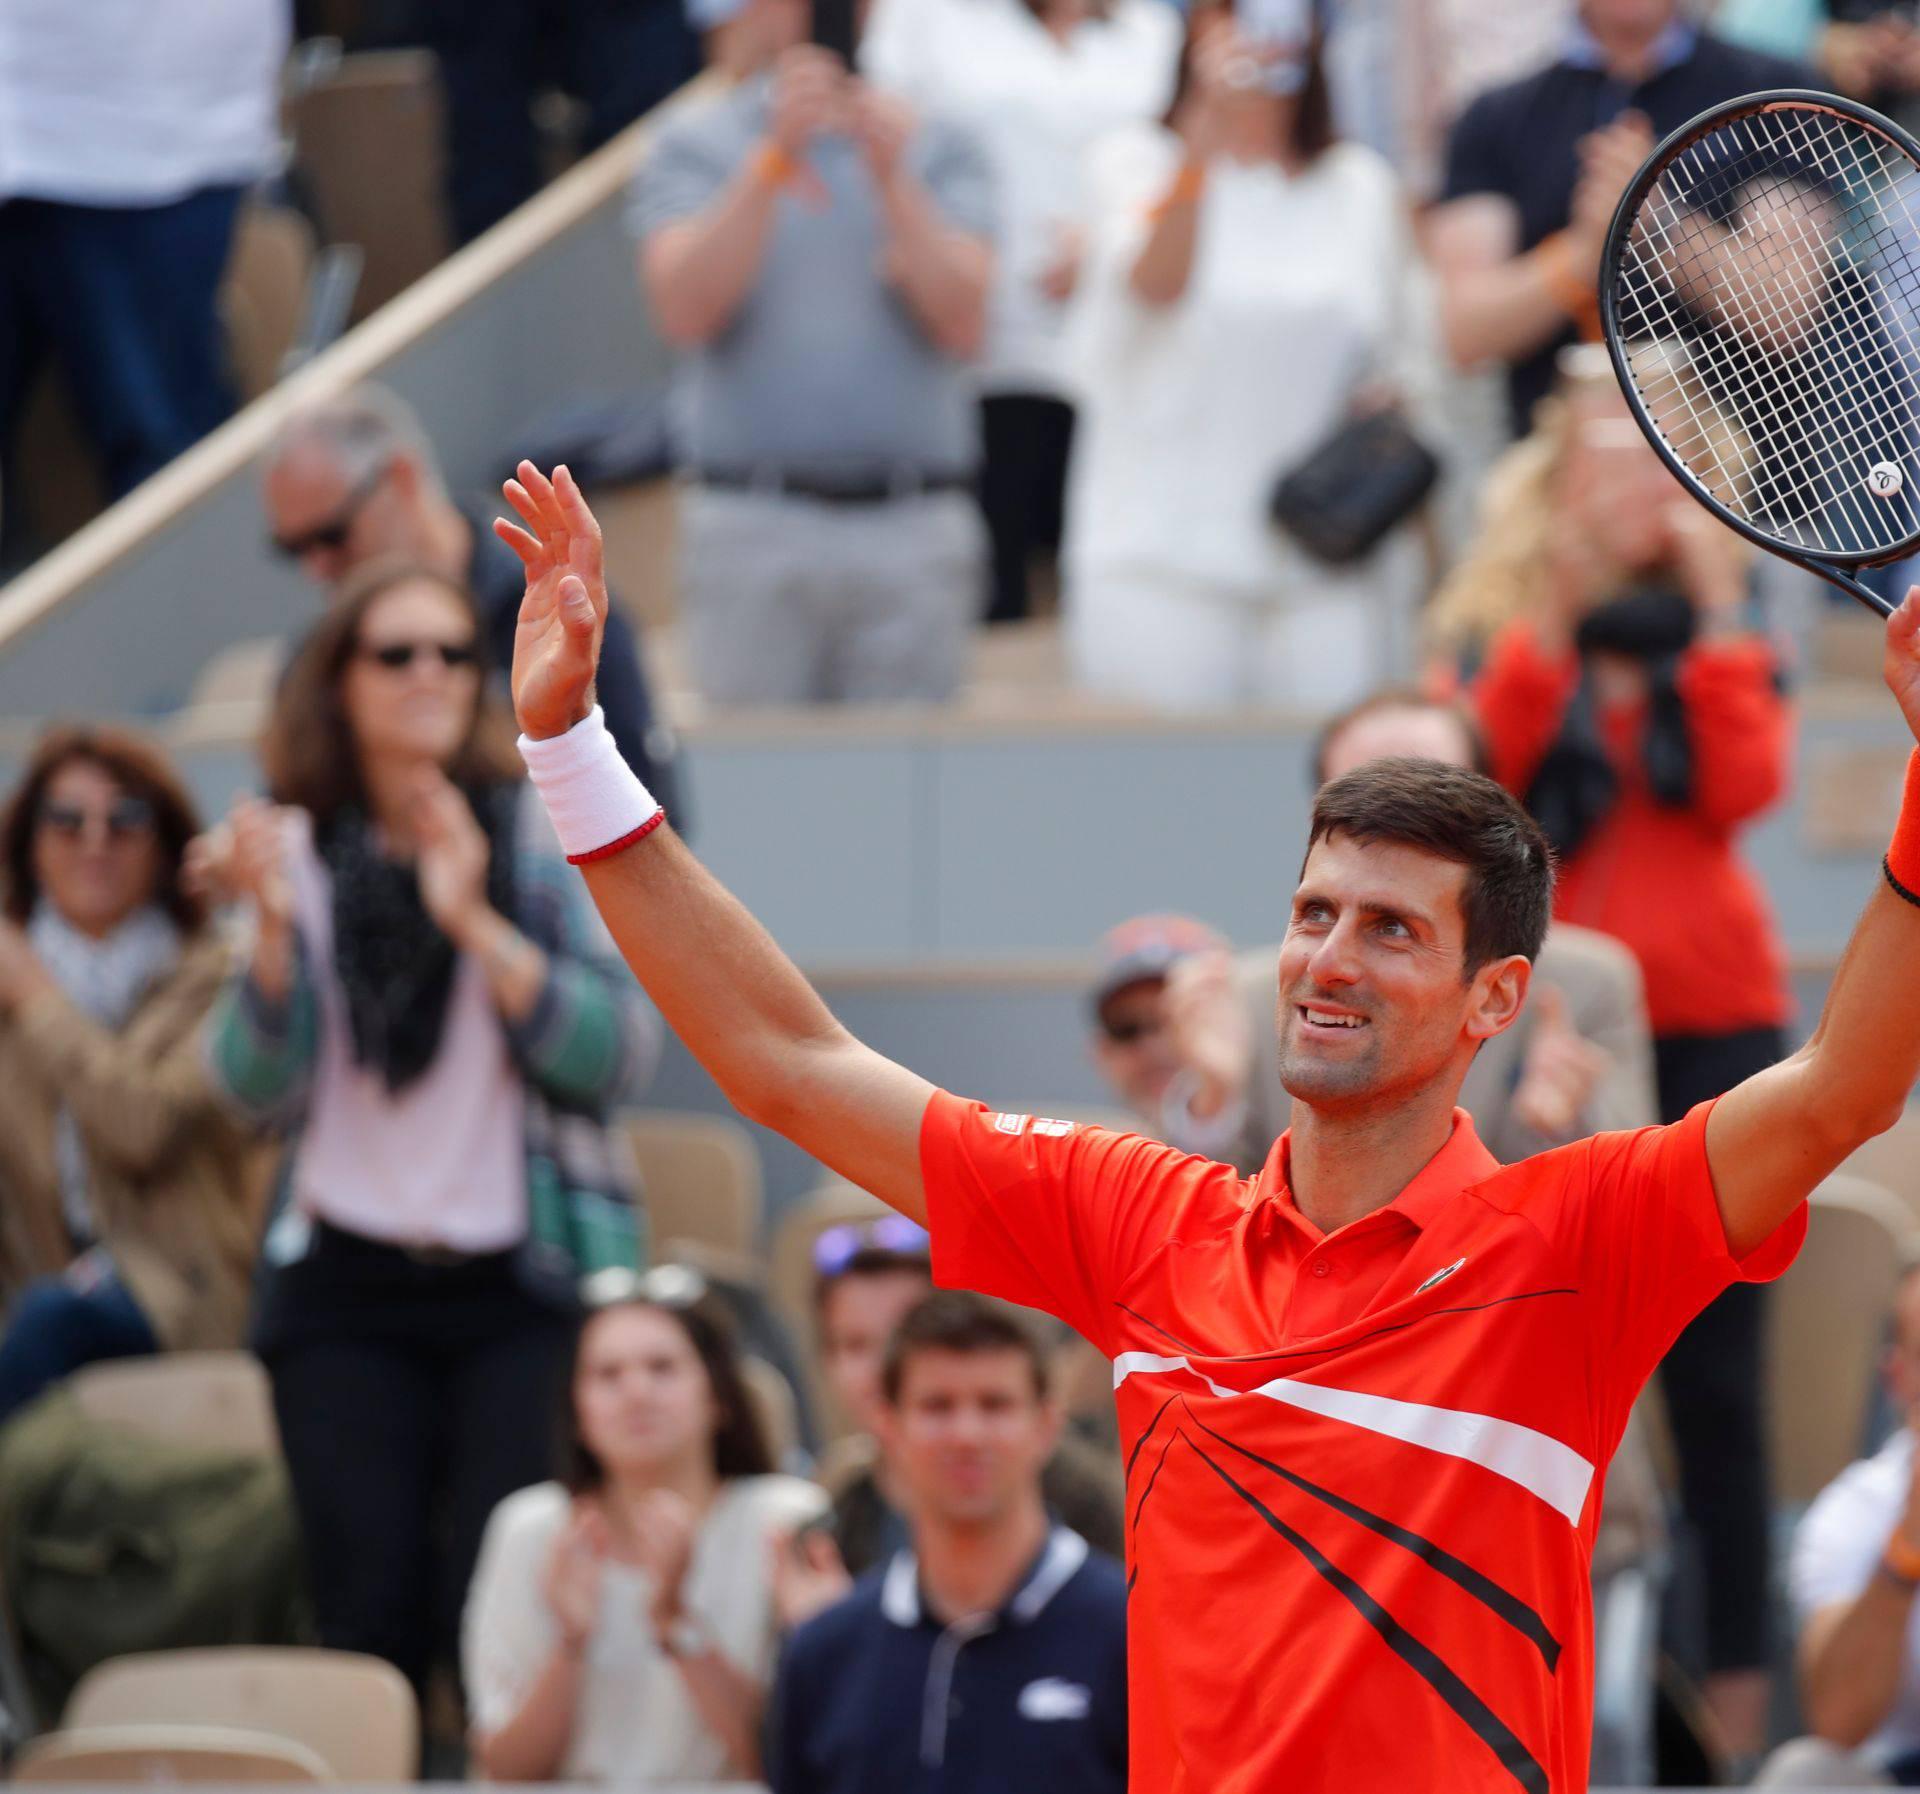 Spektakl u Parizu: Federer na Nadala, Đoković ide na Thiema